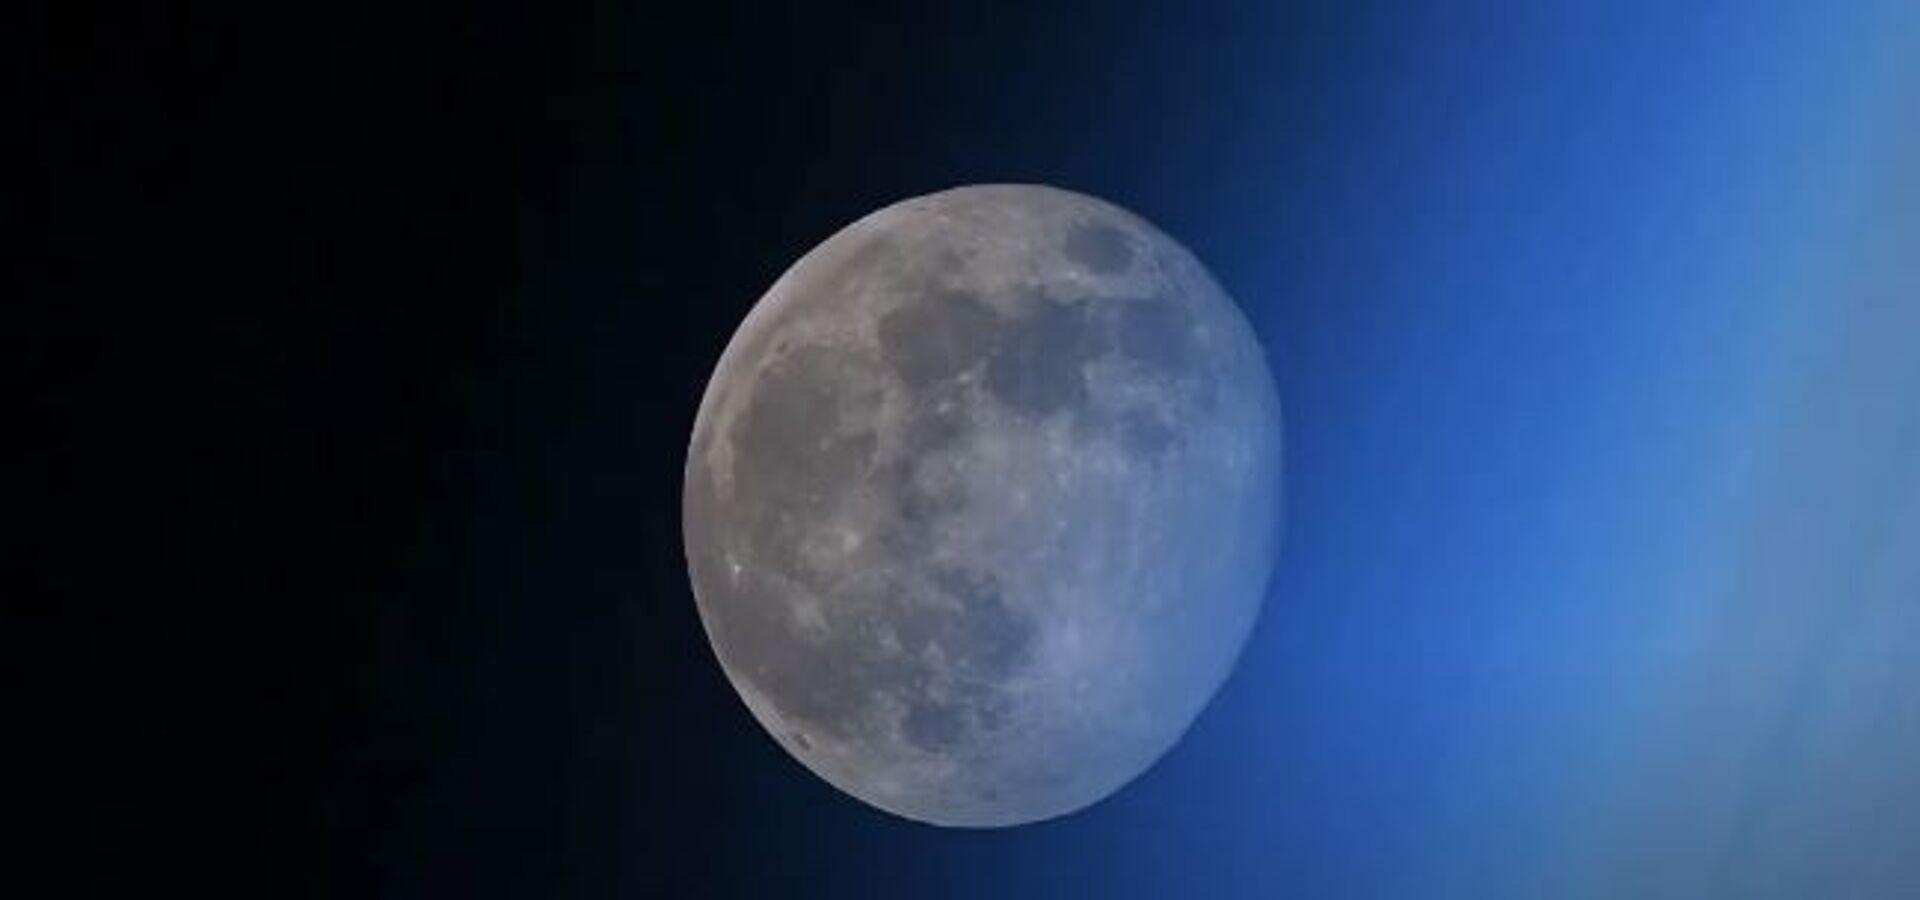 Сказка о том, как американцы с друзьями на Луне ресурсы добывали - Sputnik Абхазия, 1920, 07.05.2020